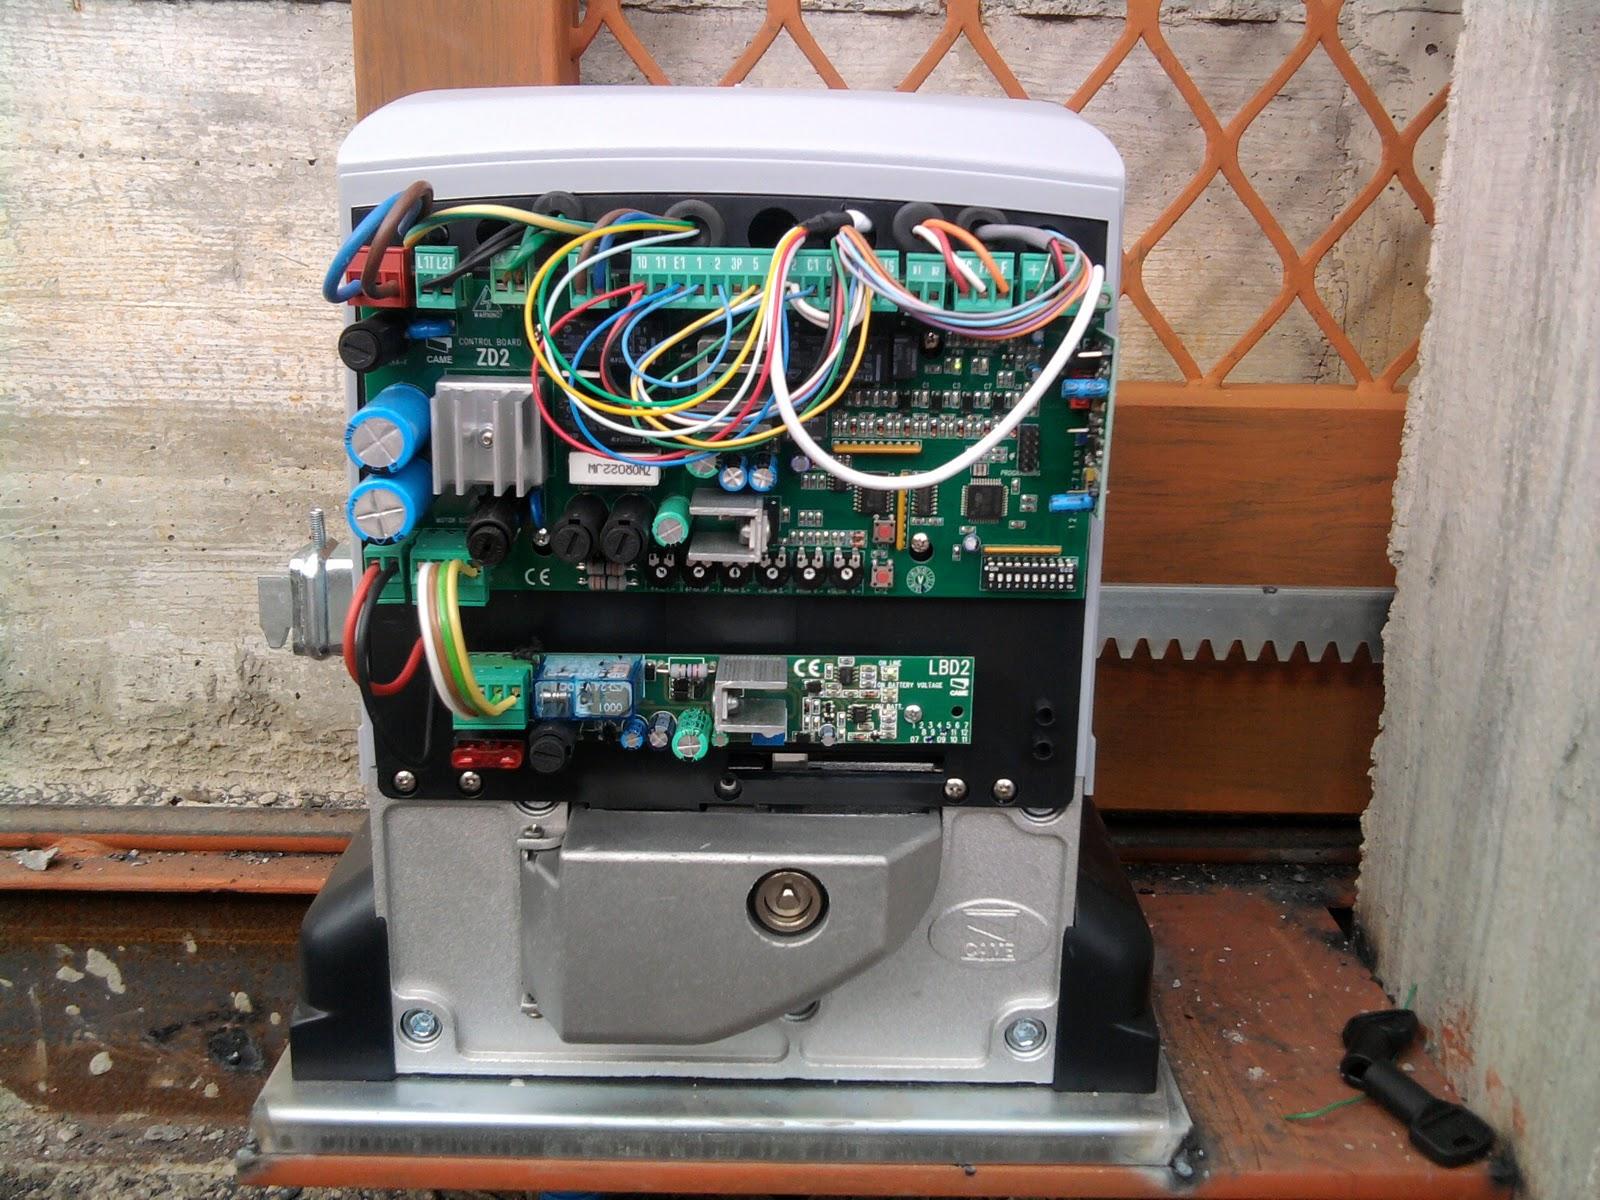 Teknoimpianti impianti elettrici ed elettronici corretta for Fotocellule came schema elettrico